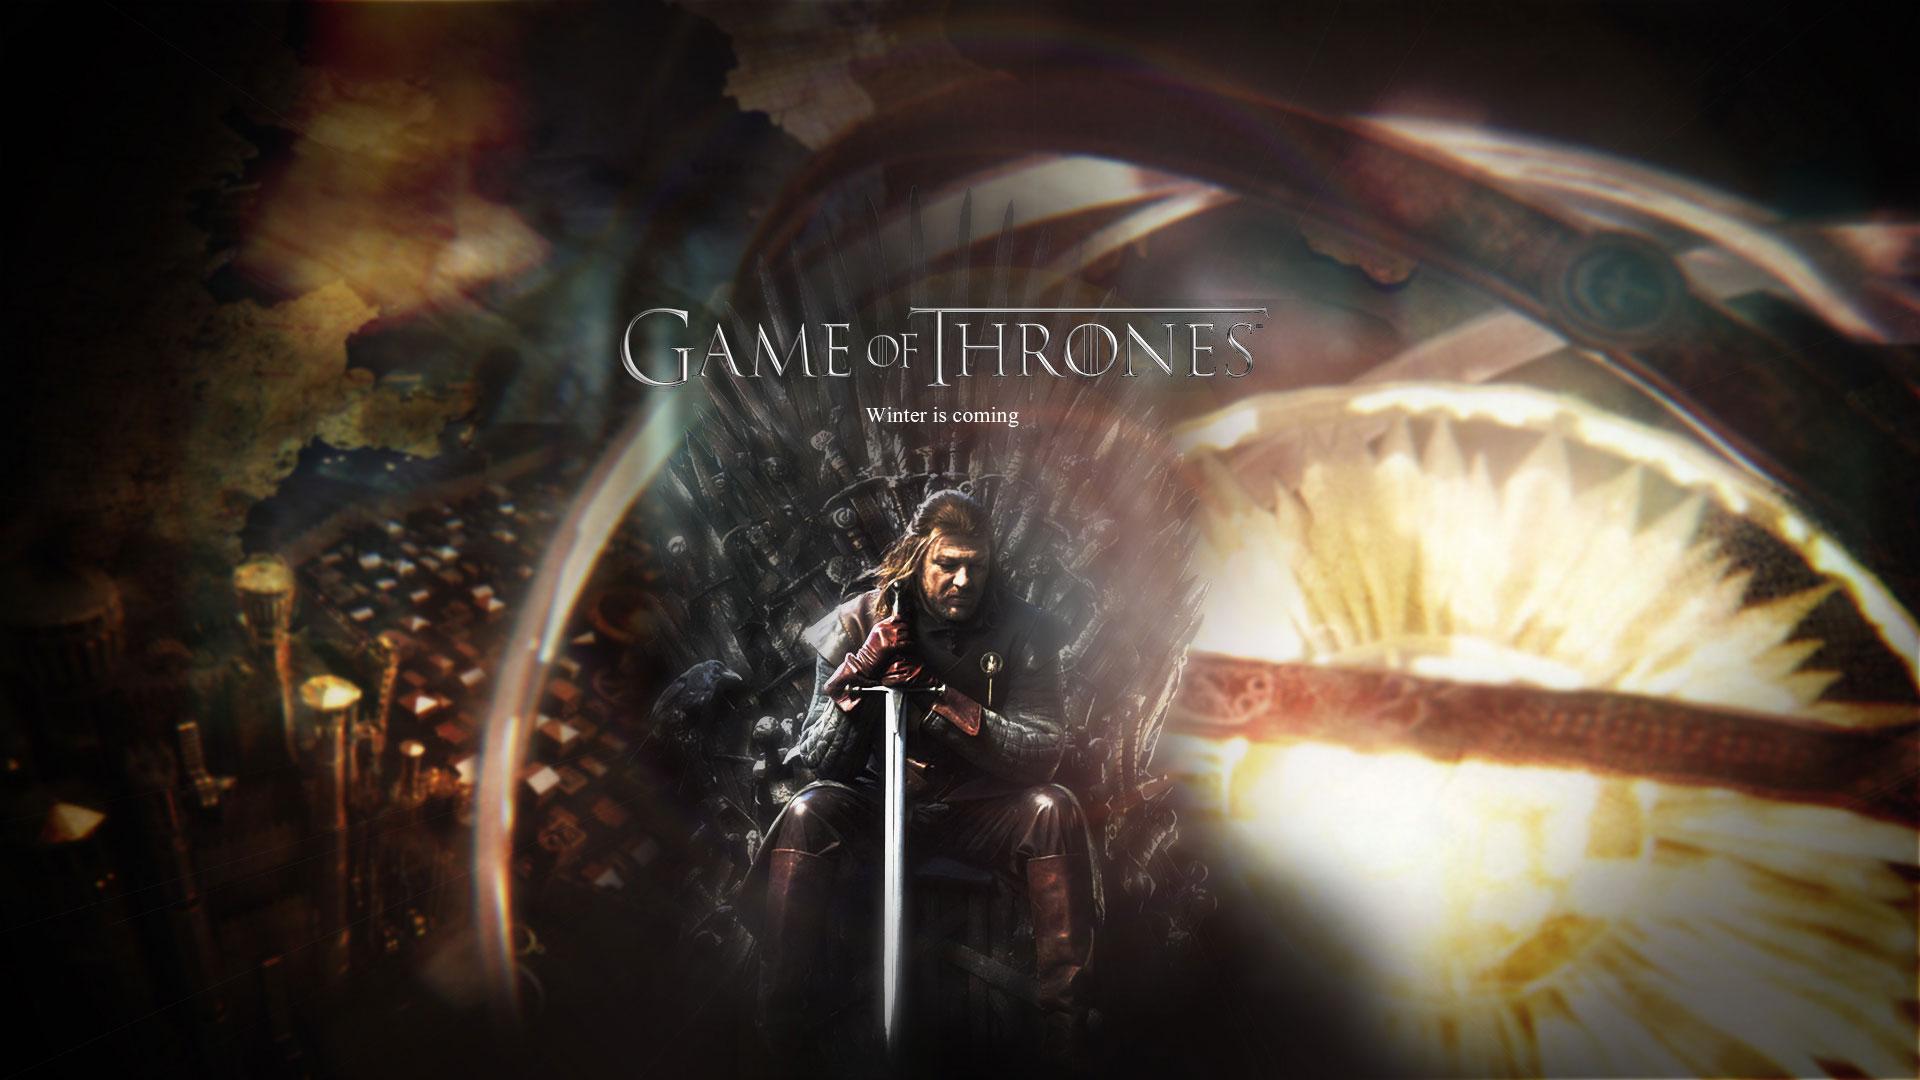 Los mejores Fondos de Game of Thrones 1920x1080